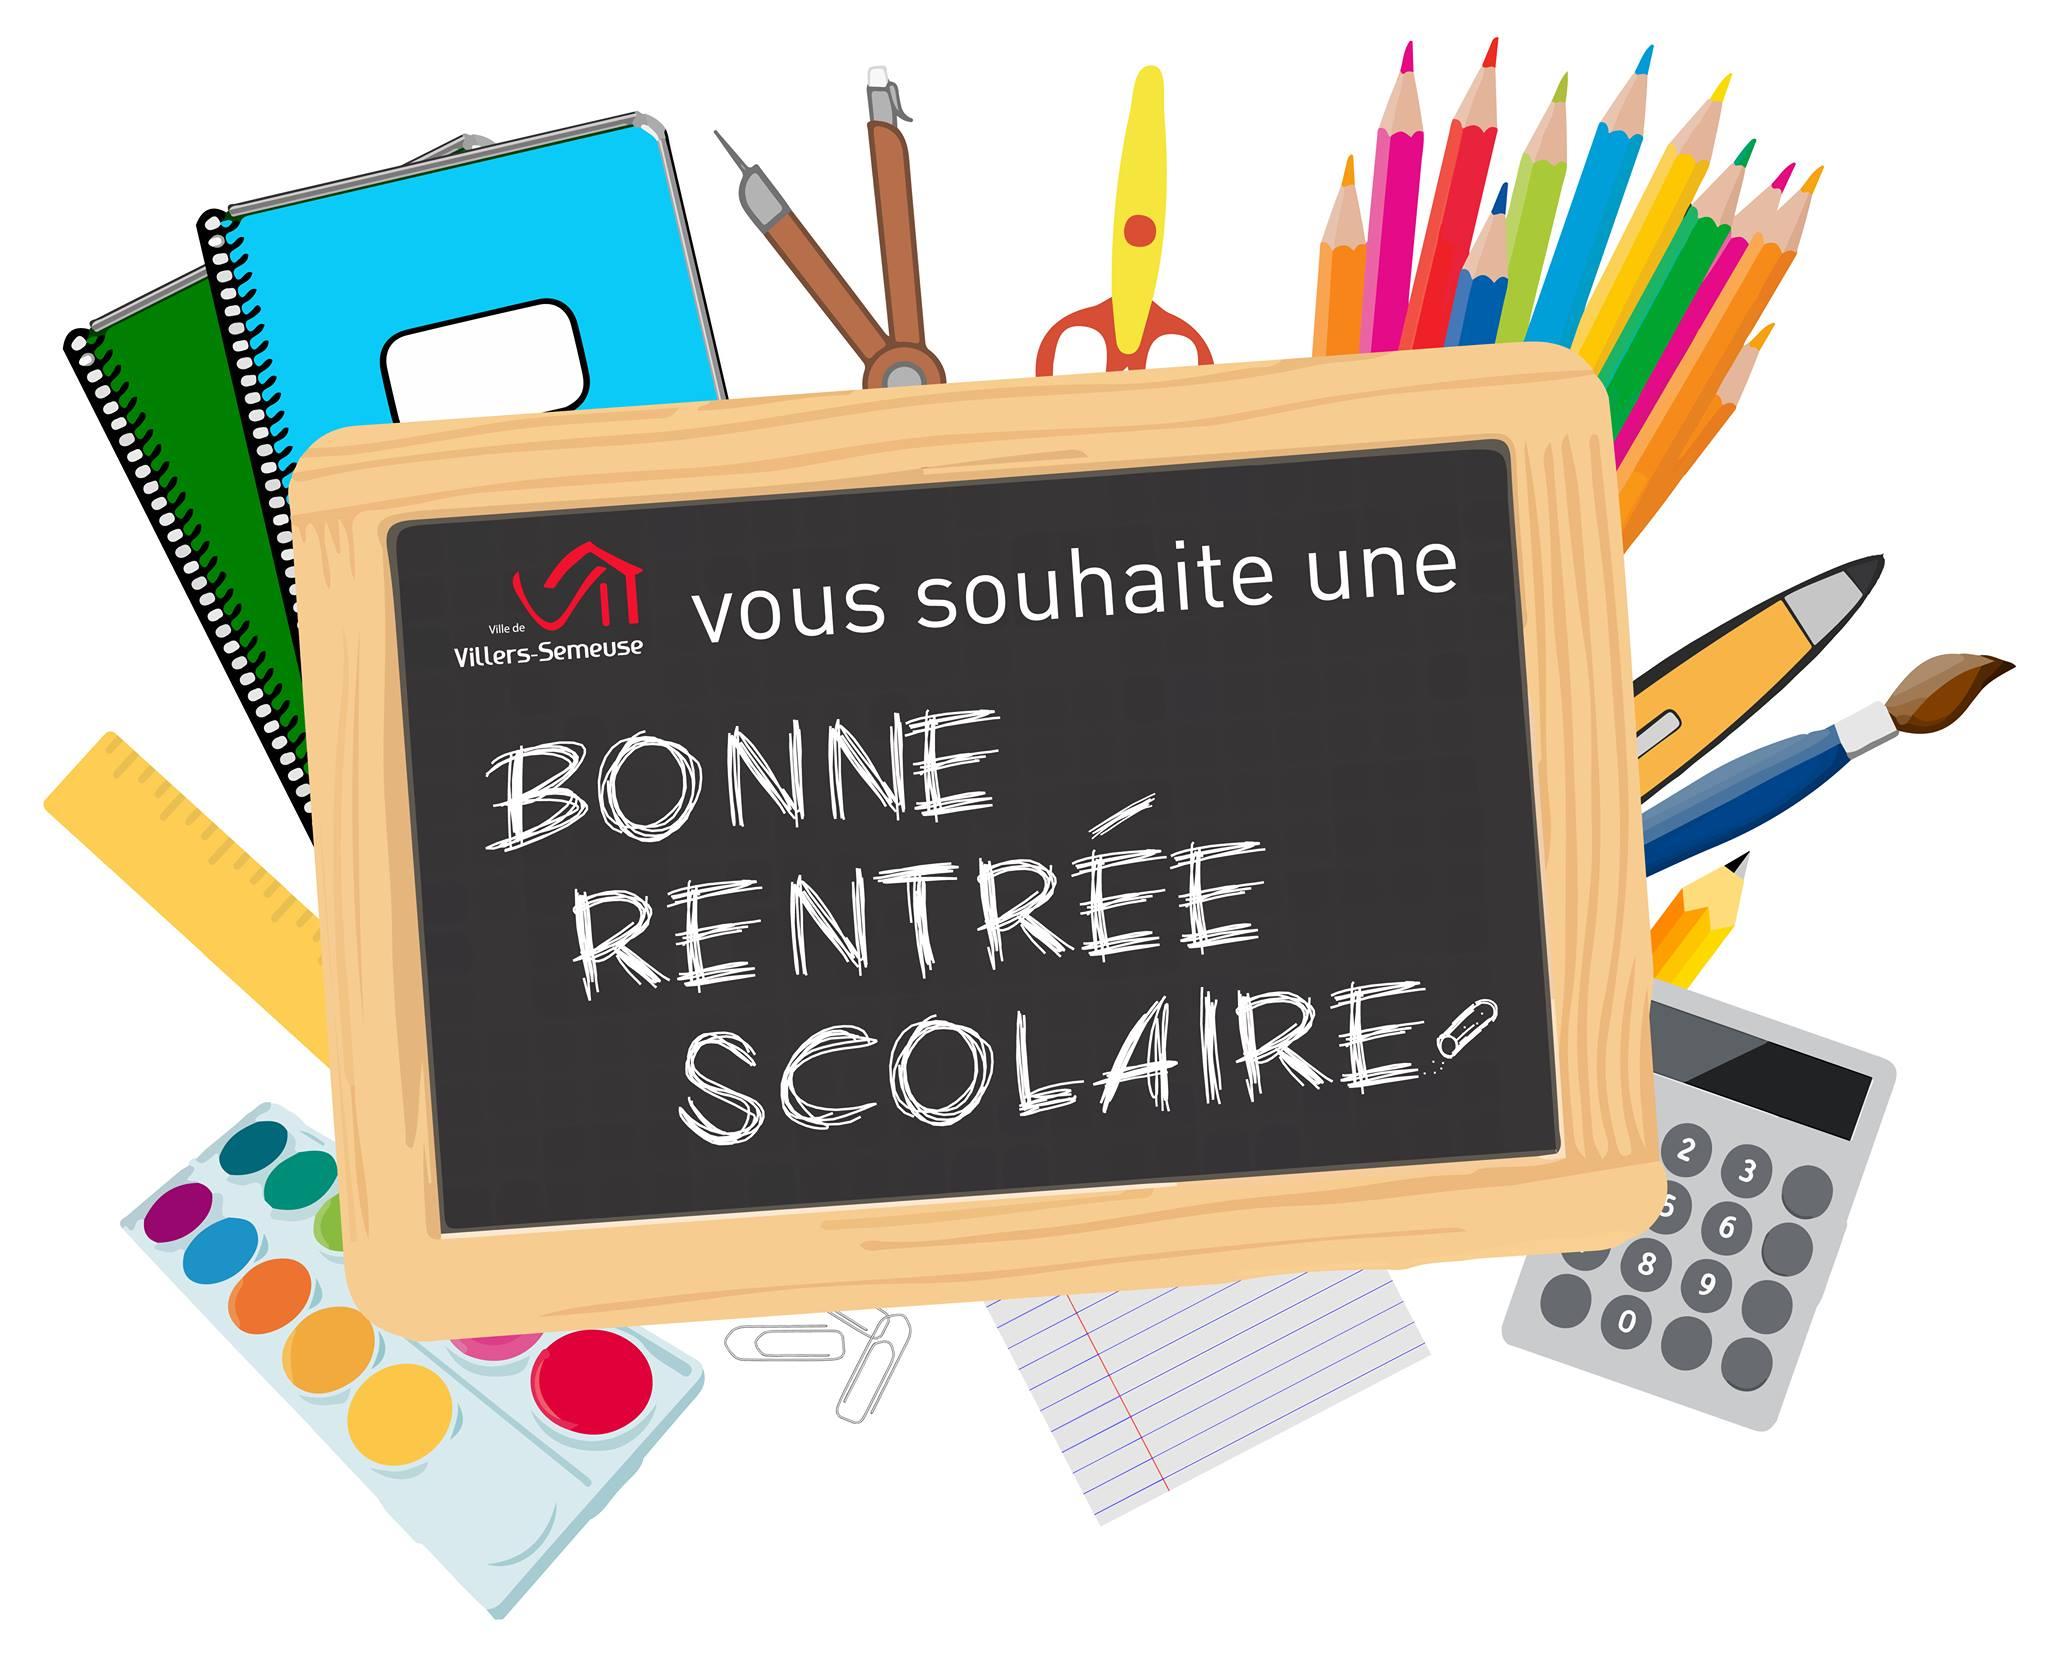 Ecole, Mairie - Bonne Rentrée Scolaire ! | Commune De dedans Image Bonne Rentrée Des Classes